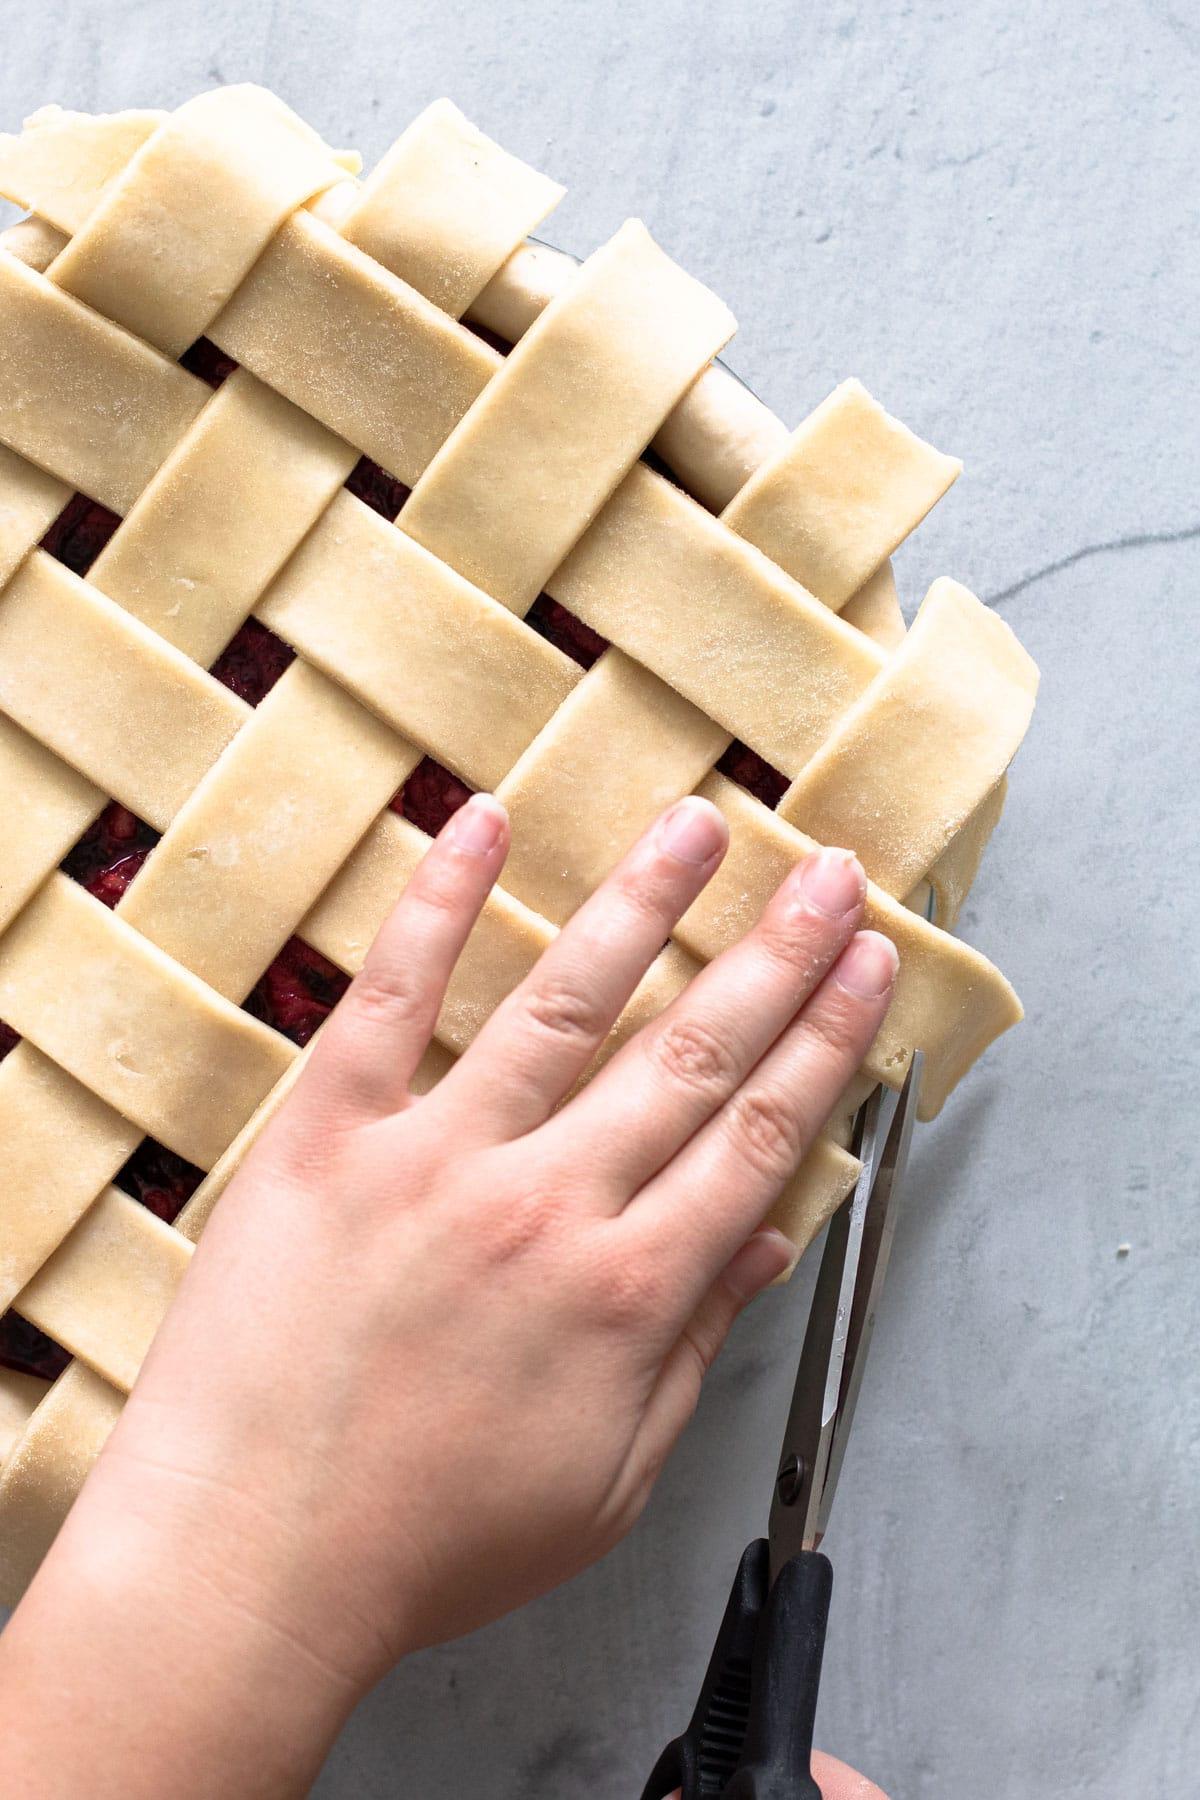 Cutting a lattice pie crust.